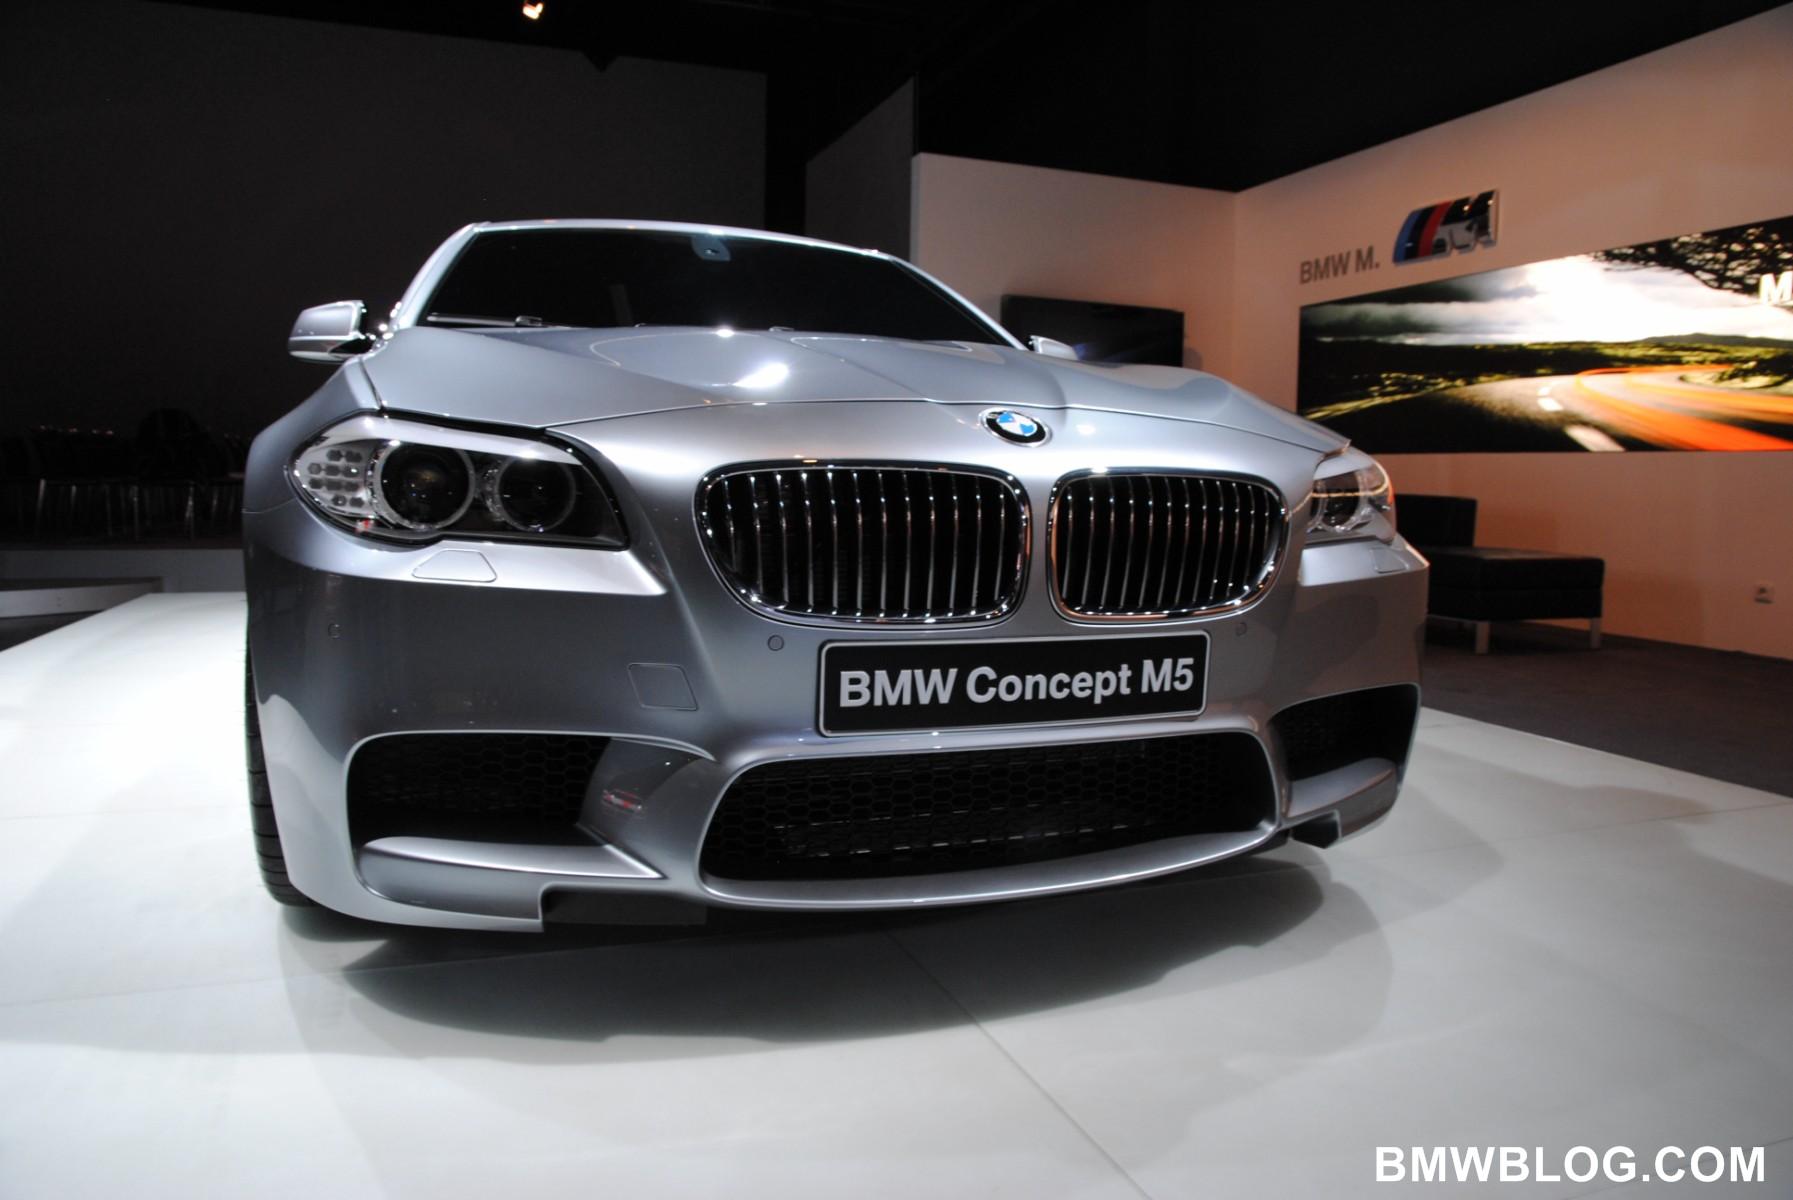 bmw-m5-concept-53